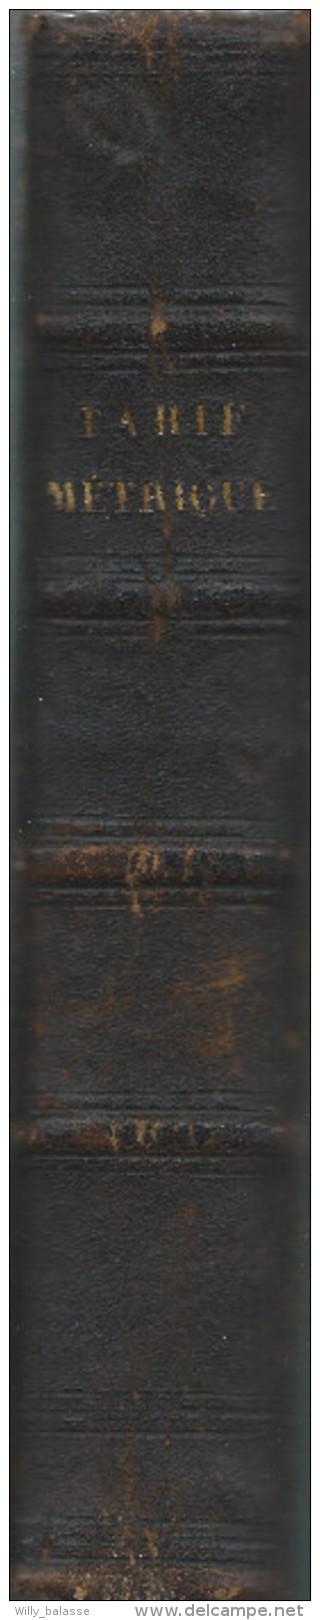 Tarif Métrique De Toutes Les Villes Et Villages , Brabant Bruxelles Gozée Namur ... Plusieurs Cent De Pages Manuscrites - 1801-1900